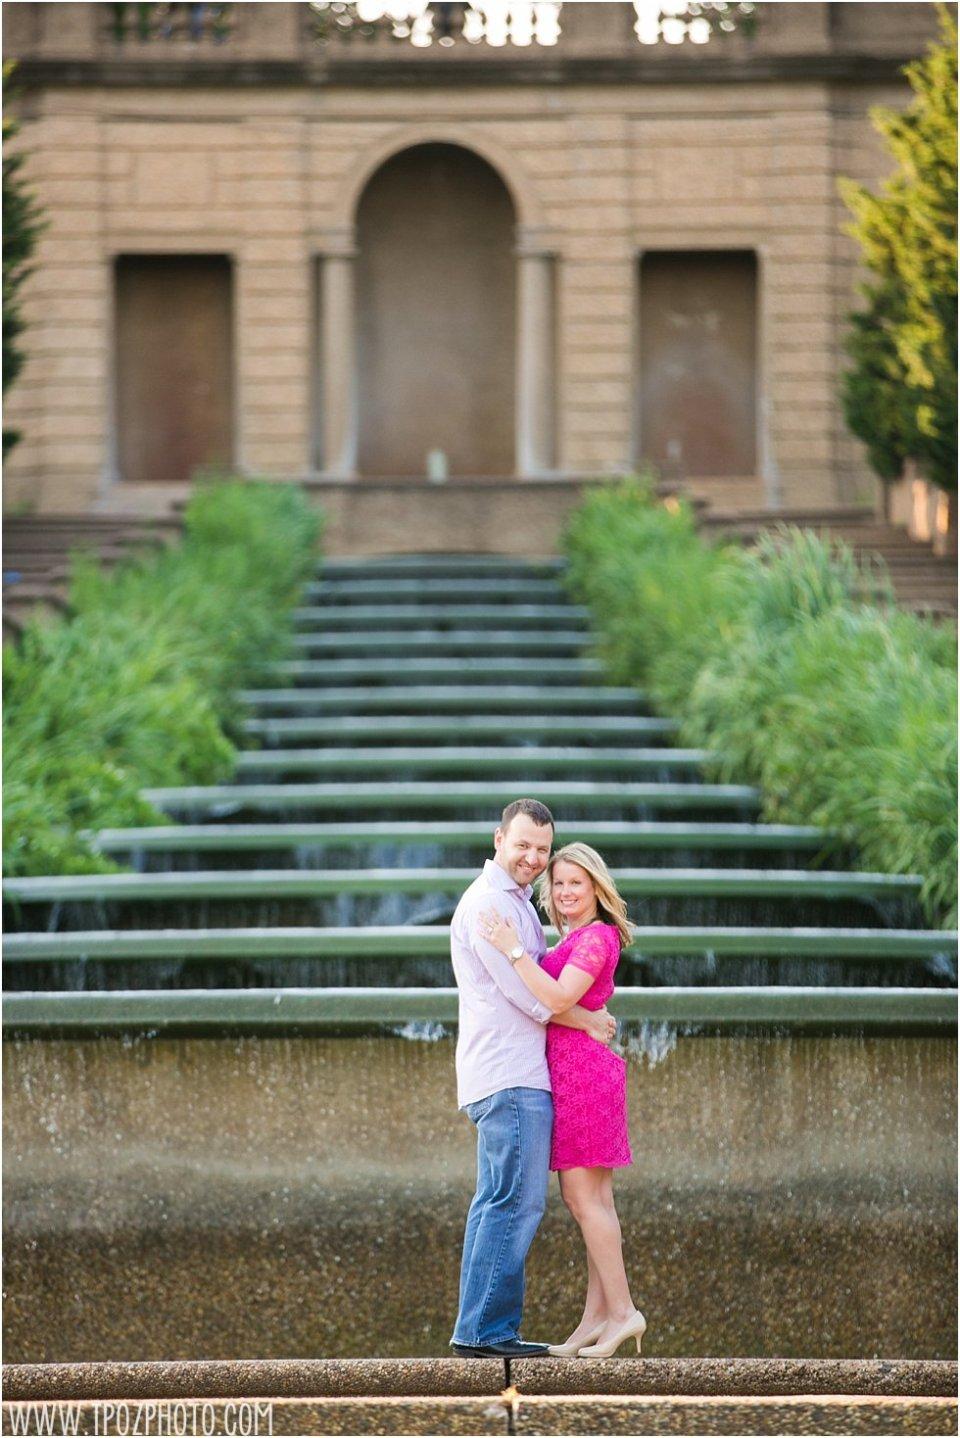 Meridian Hill Park Engagement Photos  •  tPoz Photography  •  www.tpozphoto.com